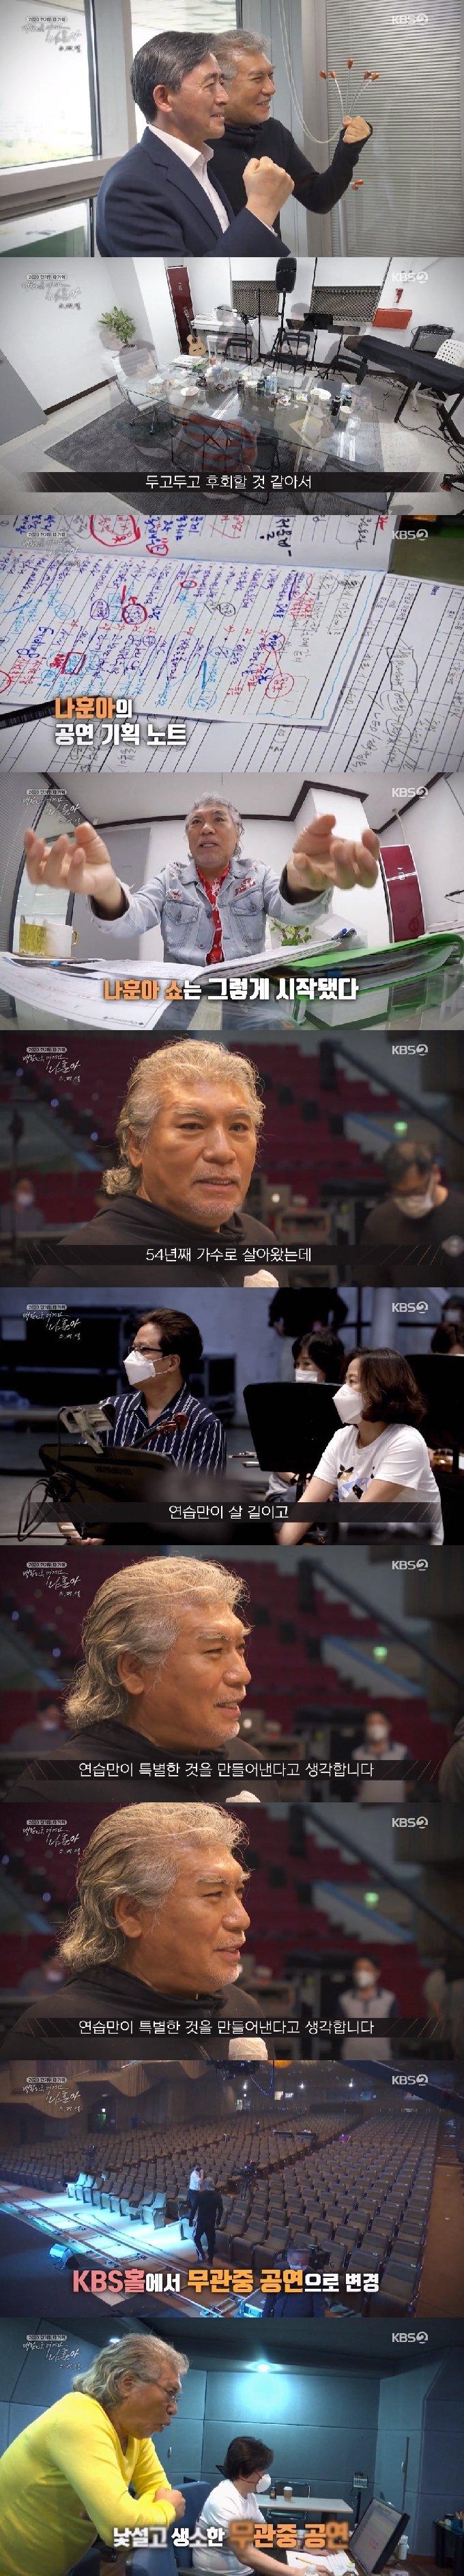 나훈아 스페셜/KBS 2TV © 뉴스1